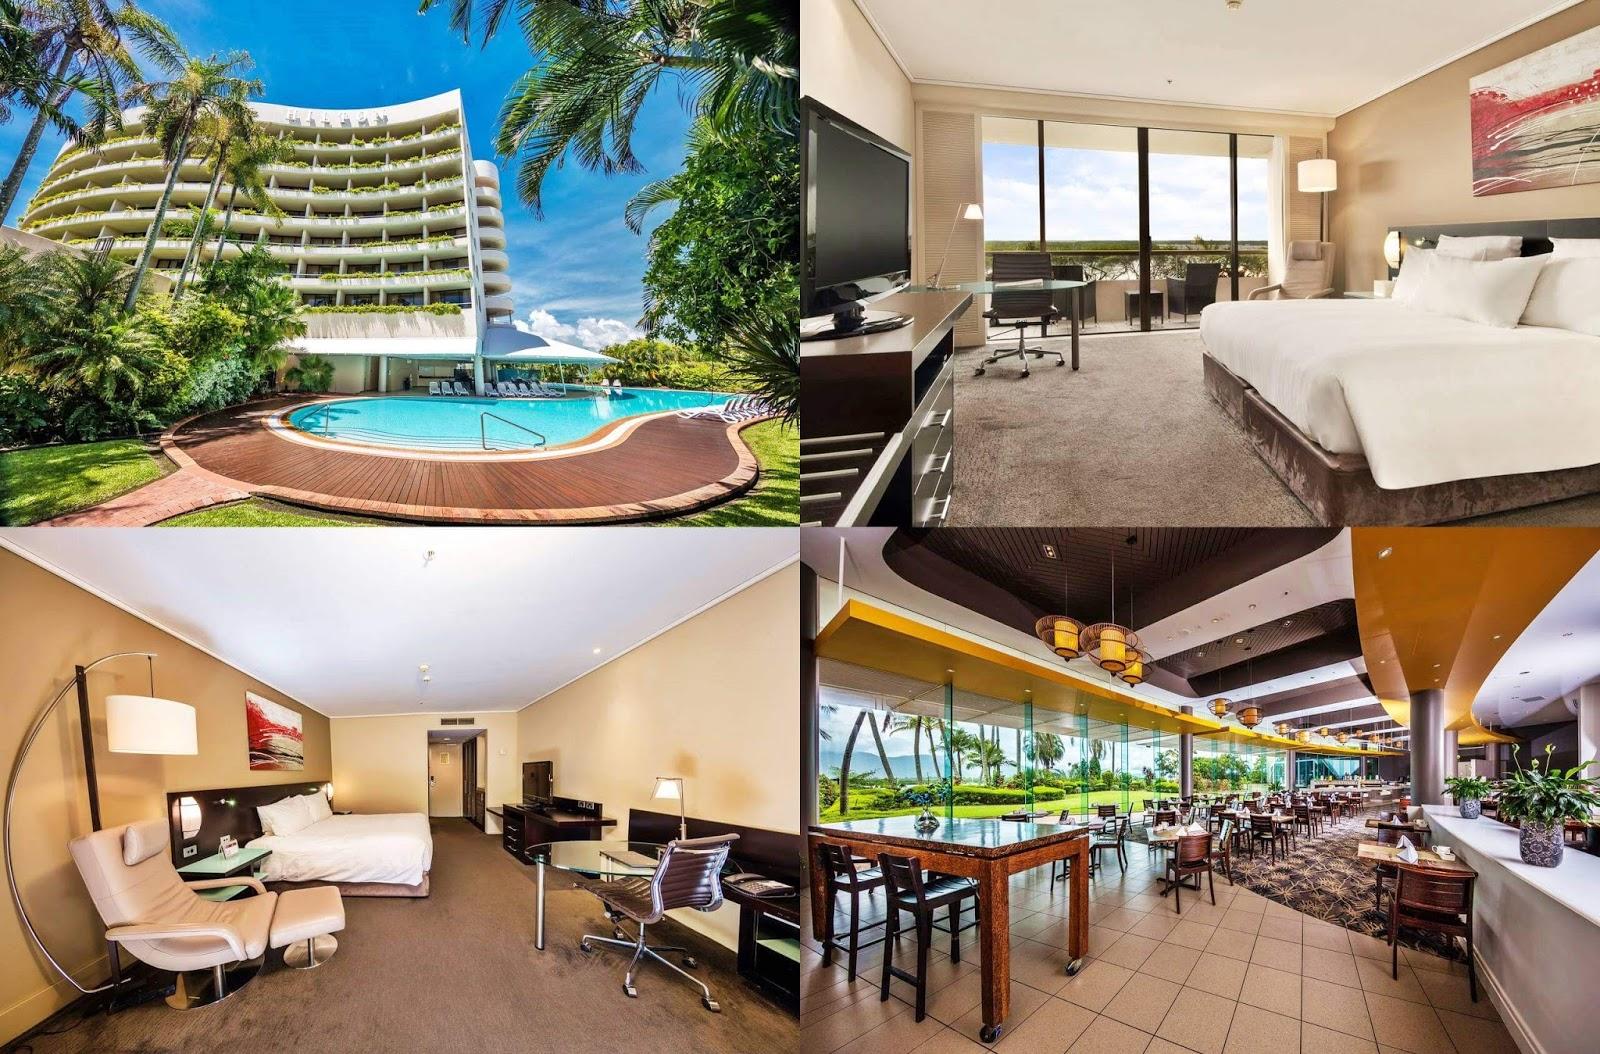 凱恩斯-住宿-推薦-希爾頓-飯店-旅館-民宿-公寓-酒店-Cairns-Hilton-Hotel